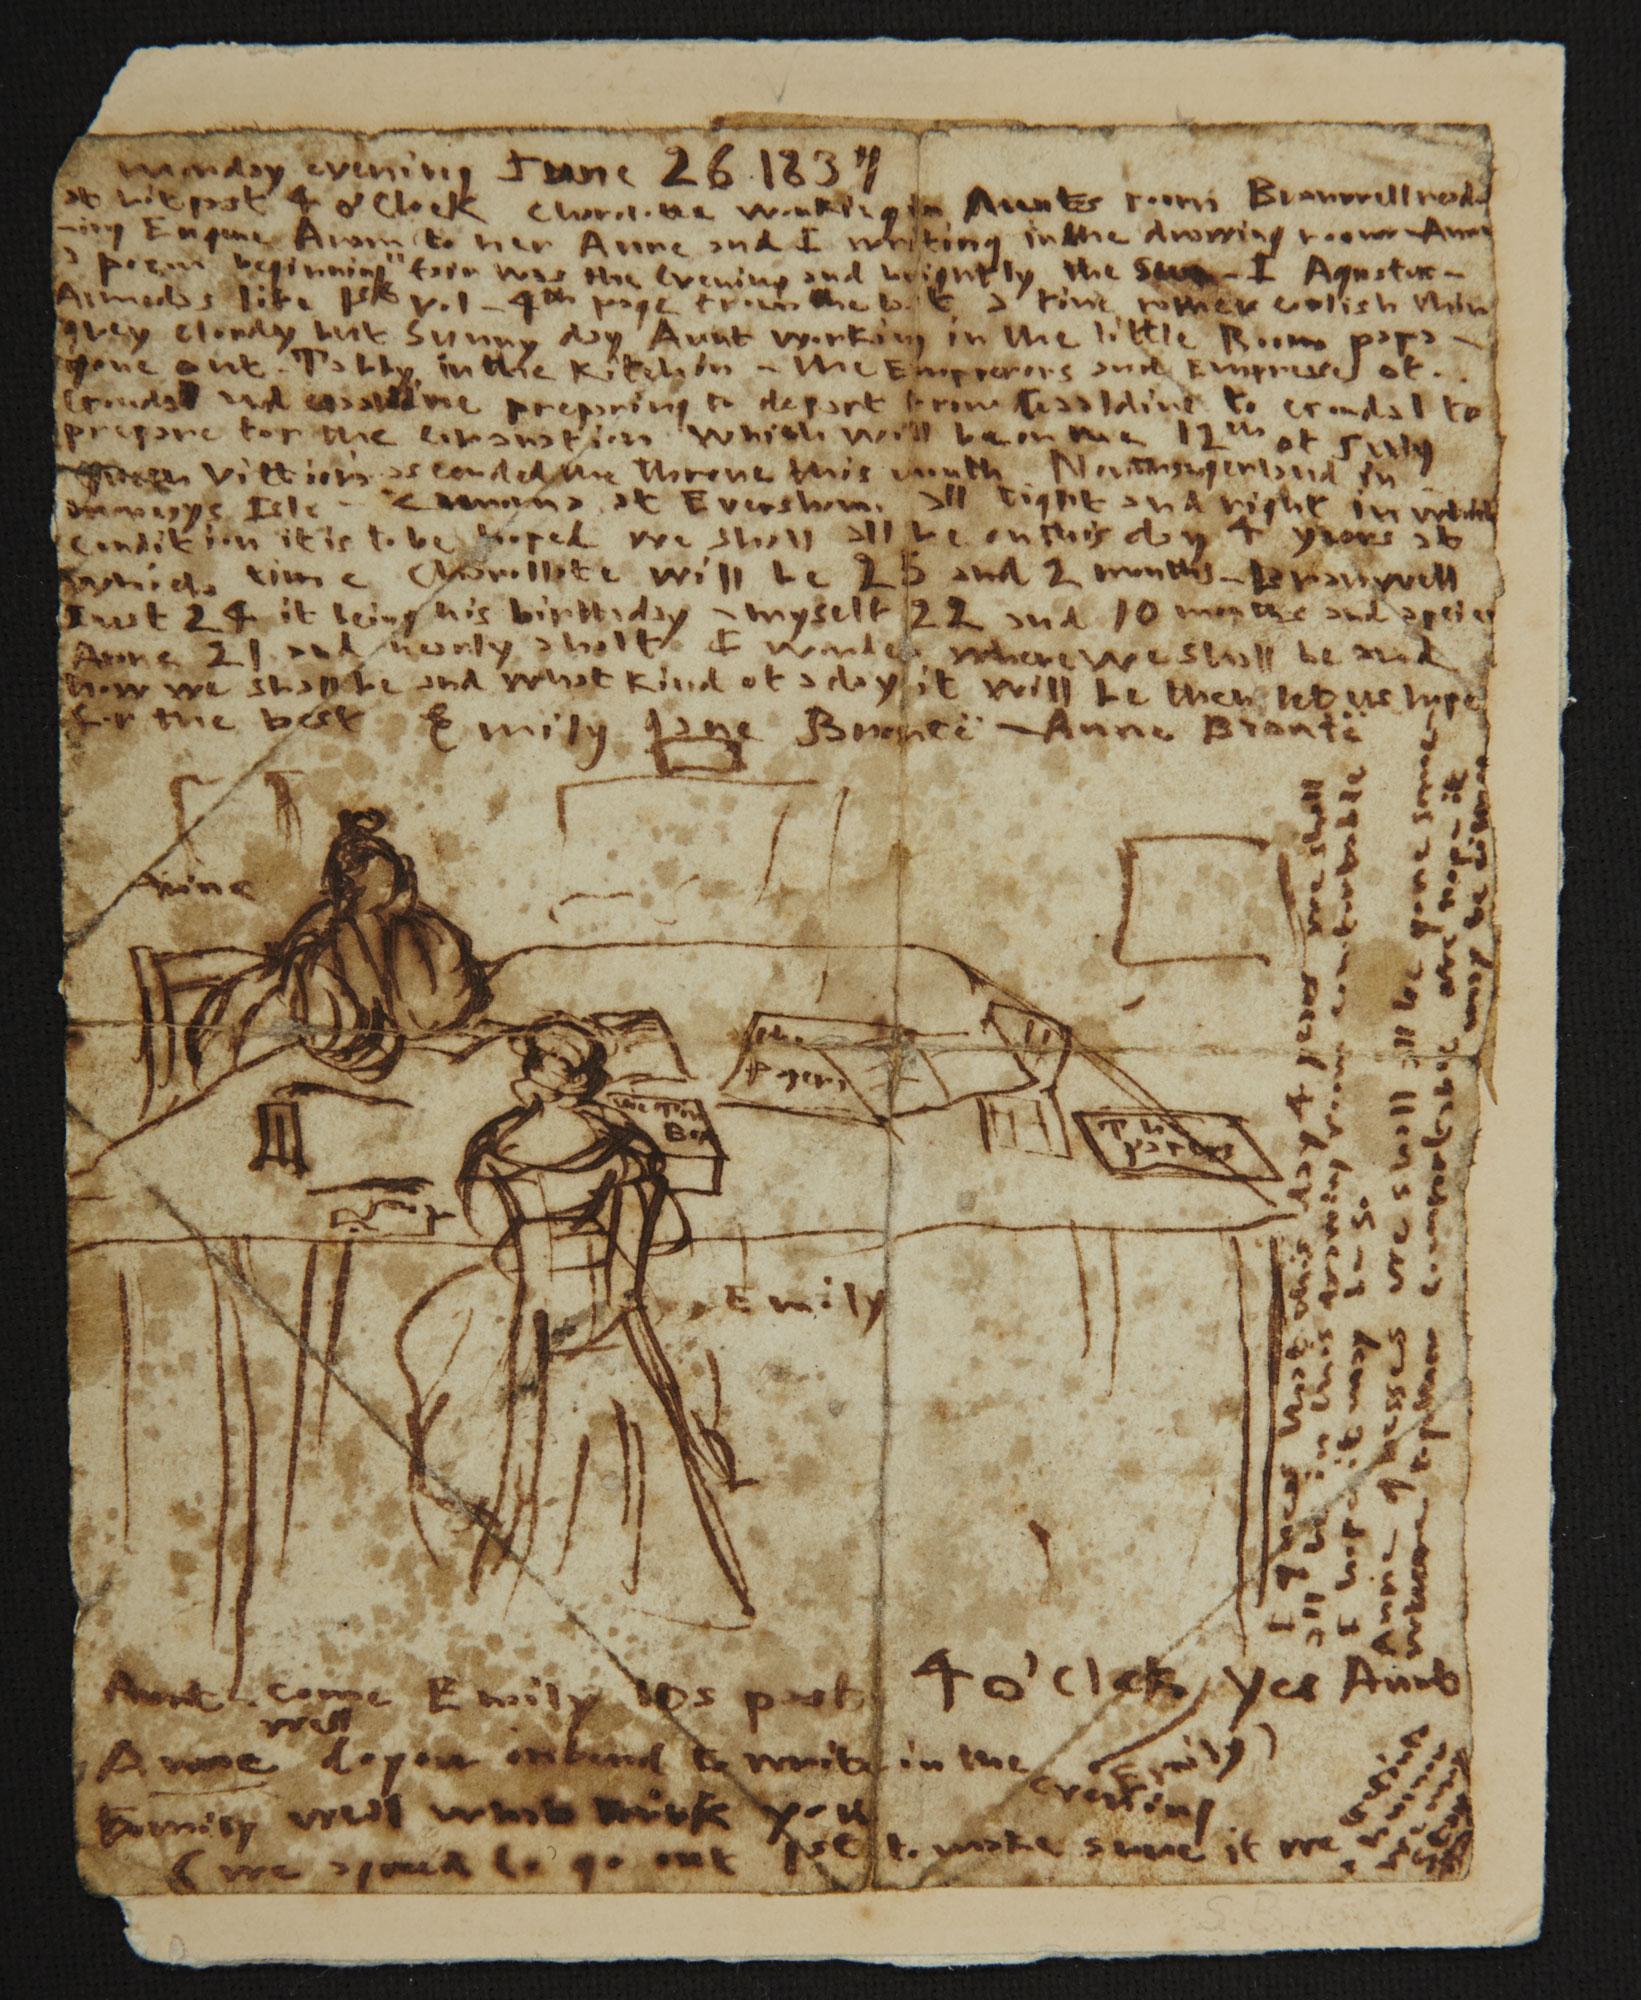 Emily Bronte's diary, 1837 [folio: 0]